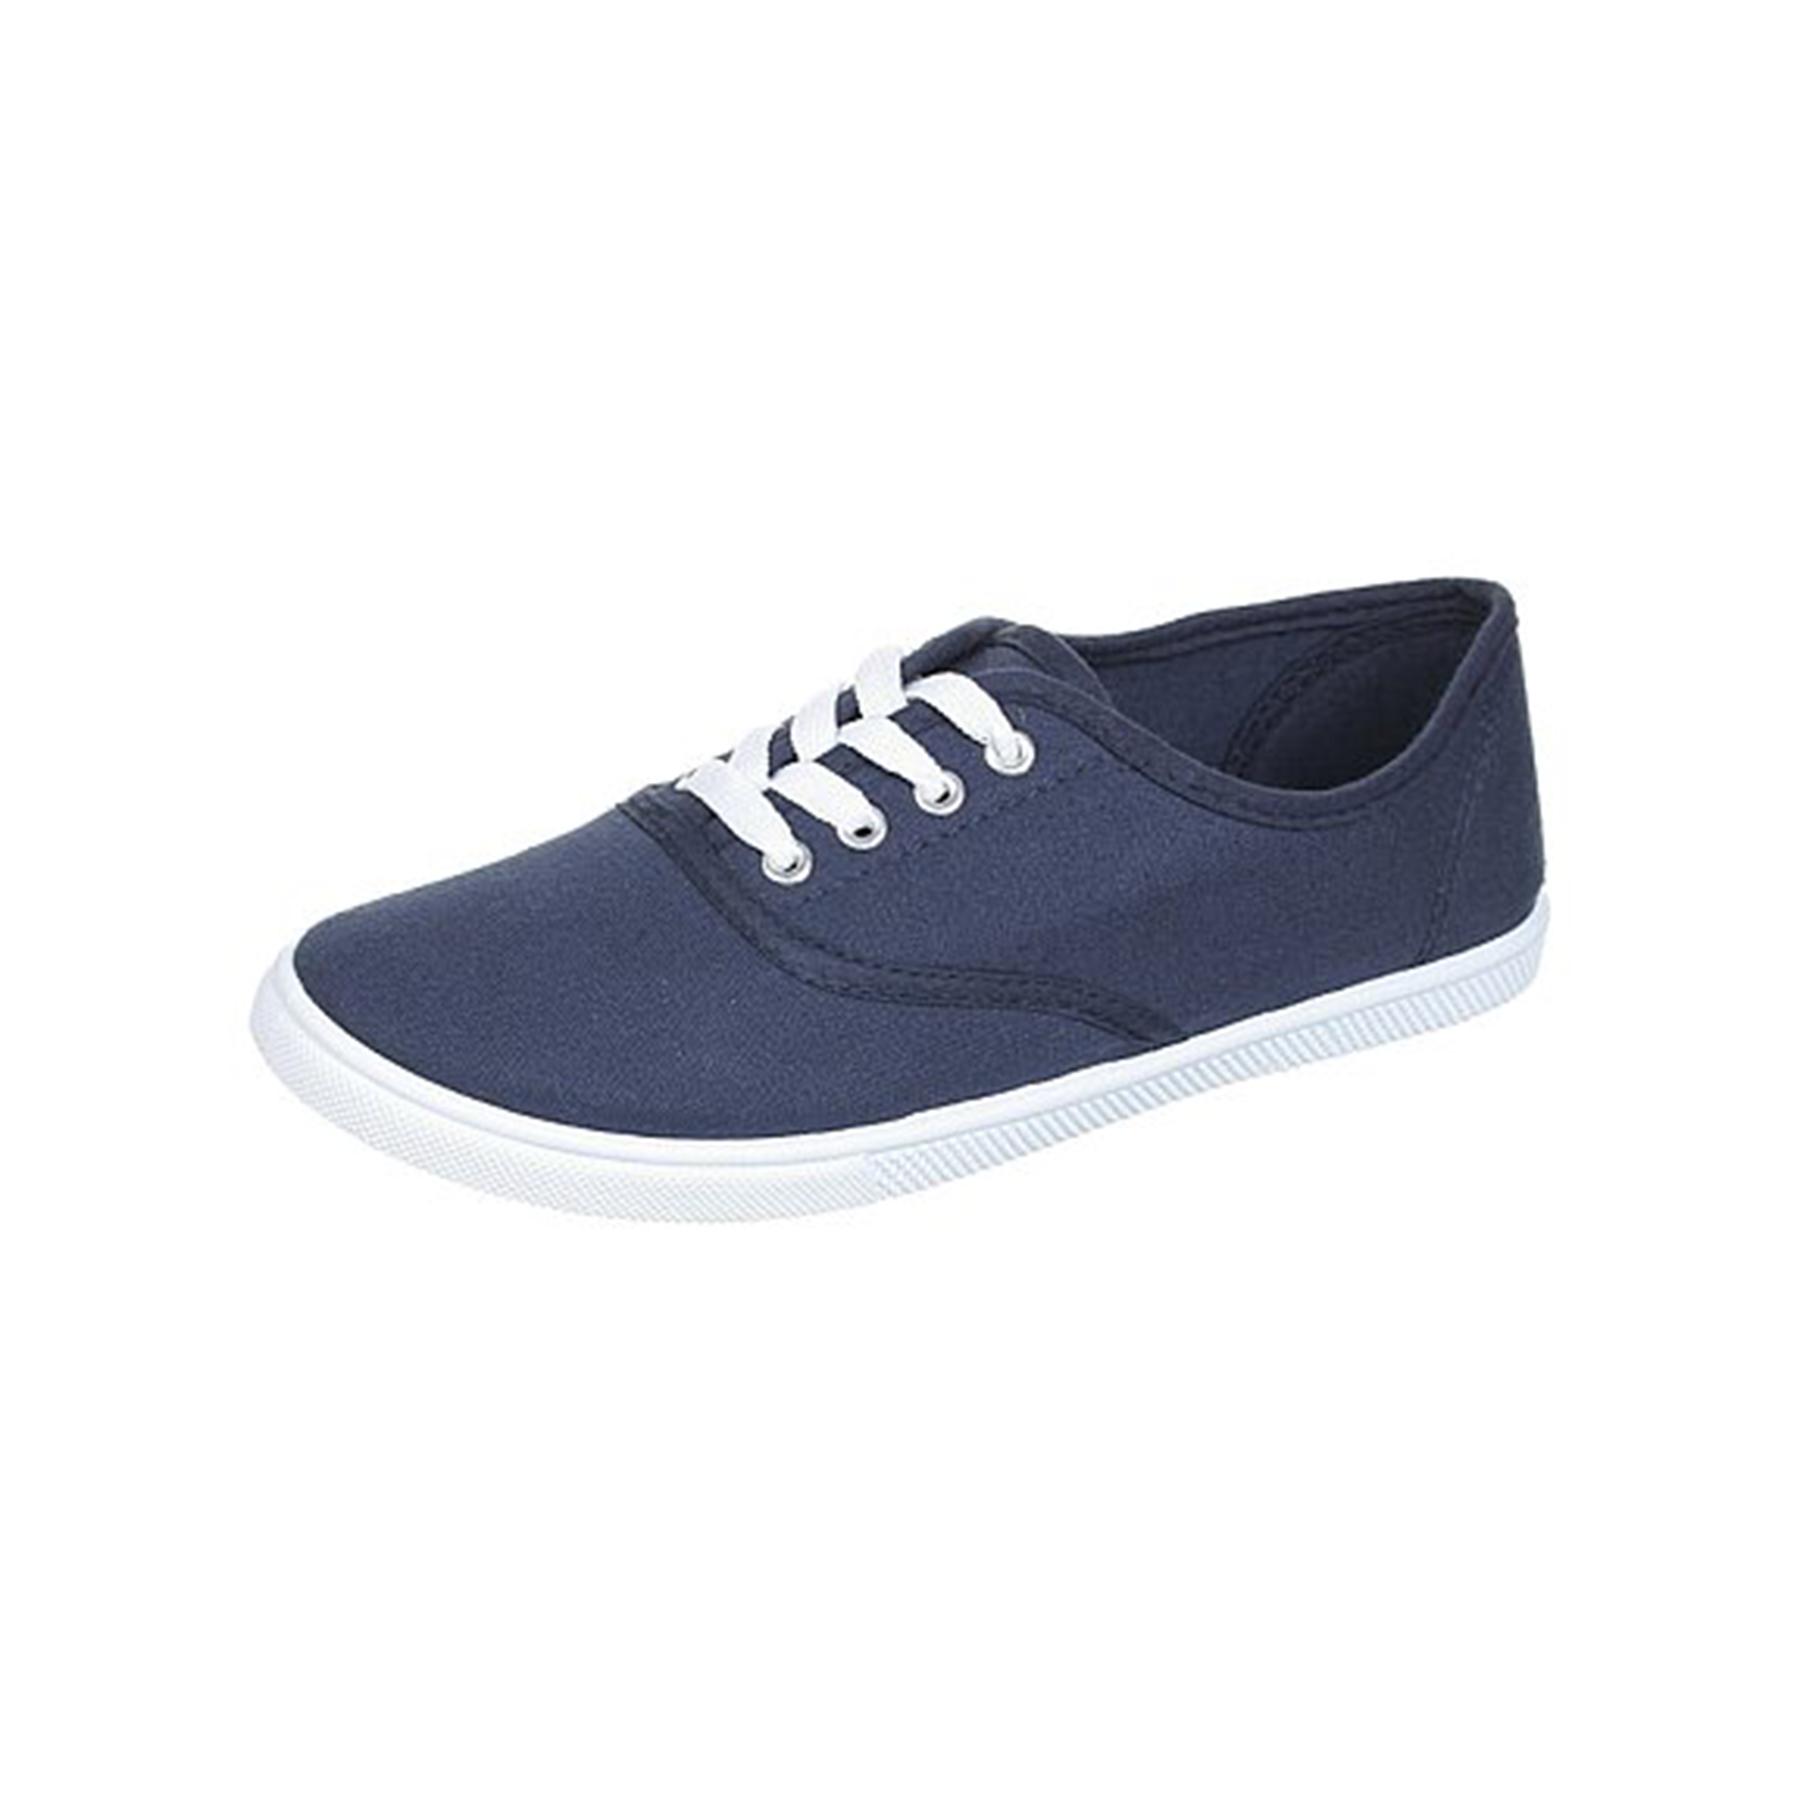 Обувь женская Trien LGC 9104 синий р. 38 АКЦИЯ!